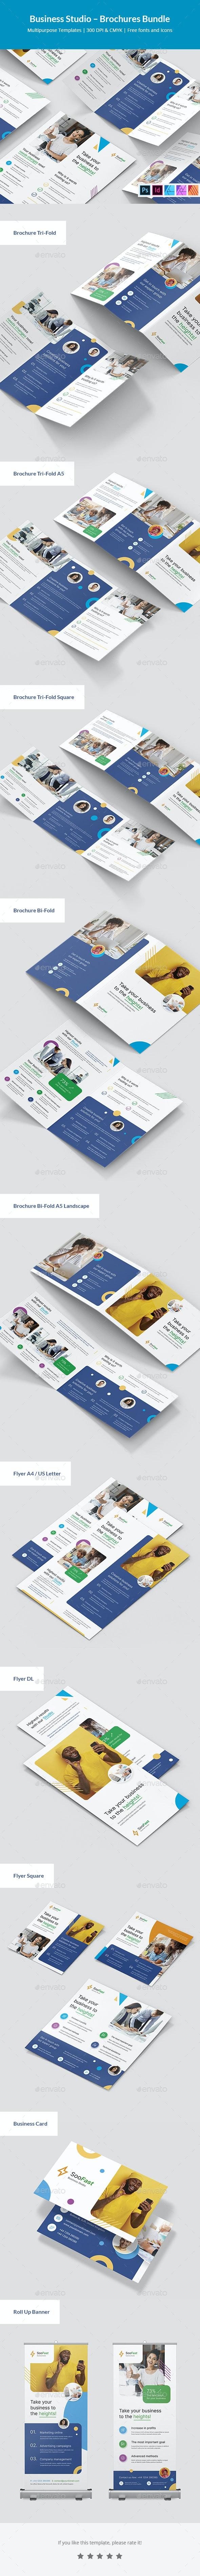 Business Studio – Brochures Bundle Print Templates - Corporate Brochures